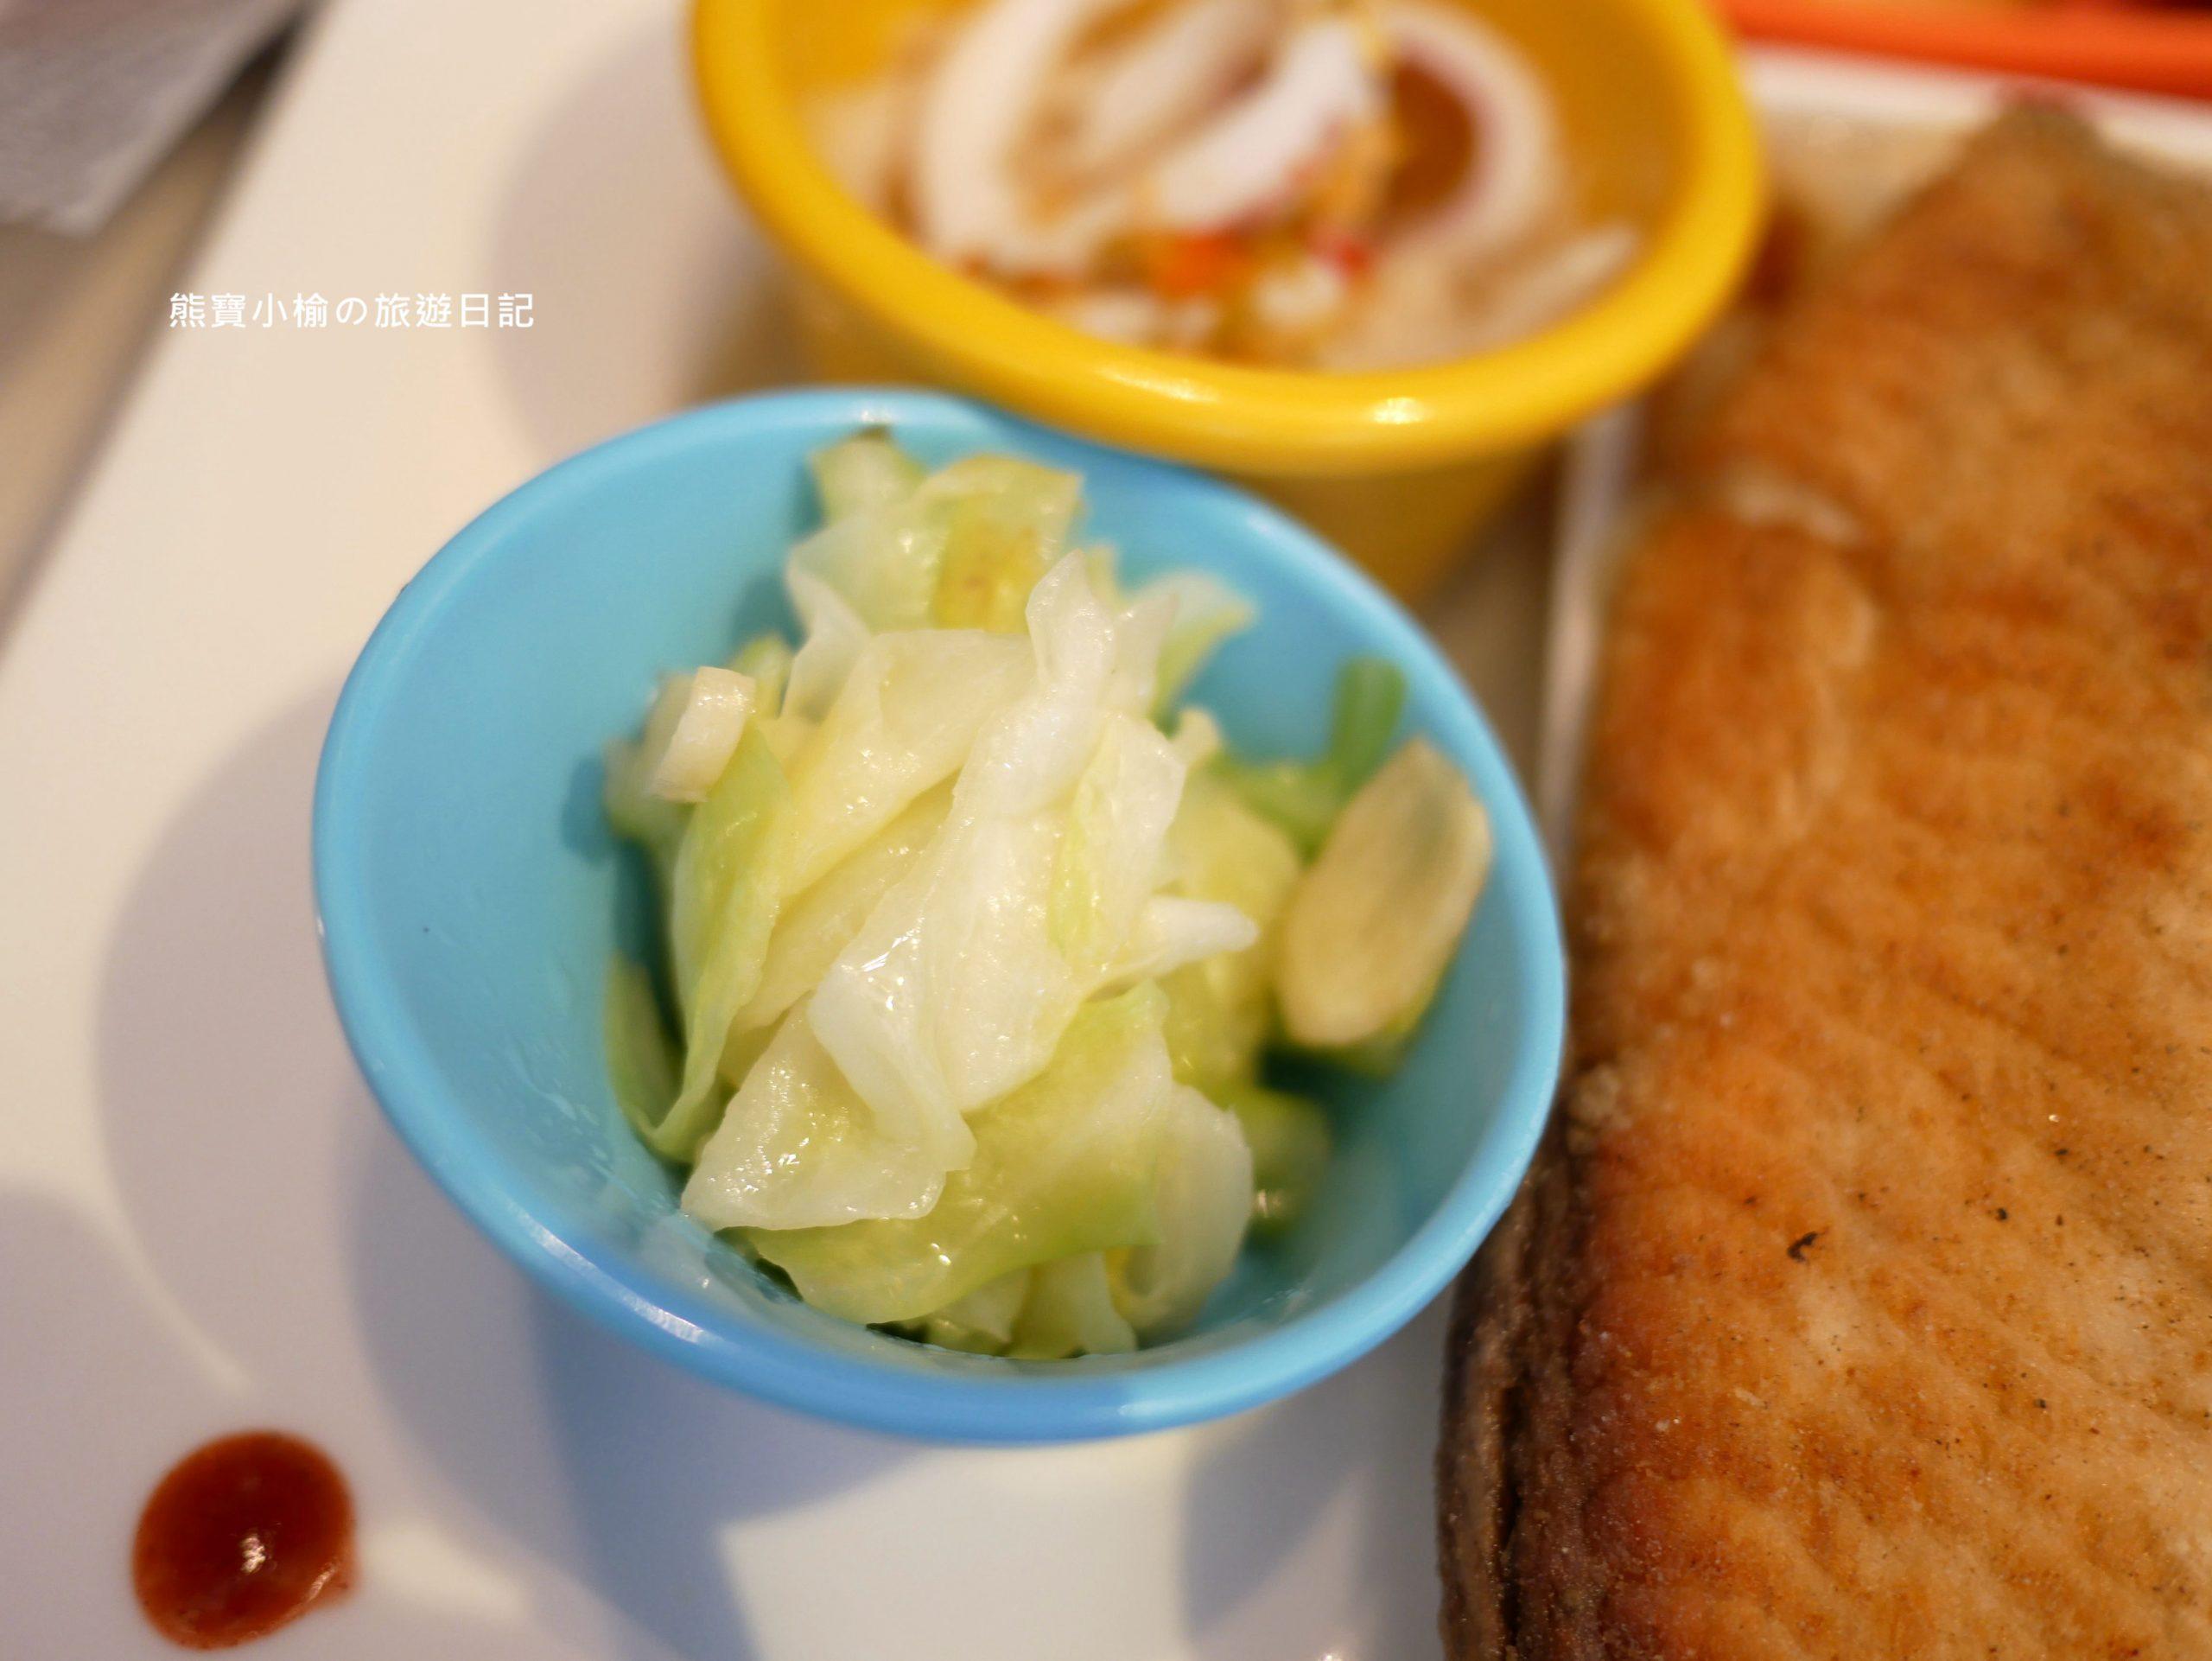 【台中北屯美食】牛奶魚Milk Fish早午餐歐風餐廳!超平價無刺虱目魚料理,還有好吃的芋泥蛋餅。 @熊寶小榆の旅遊日記